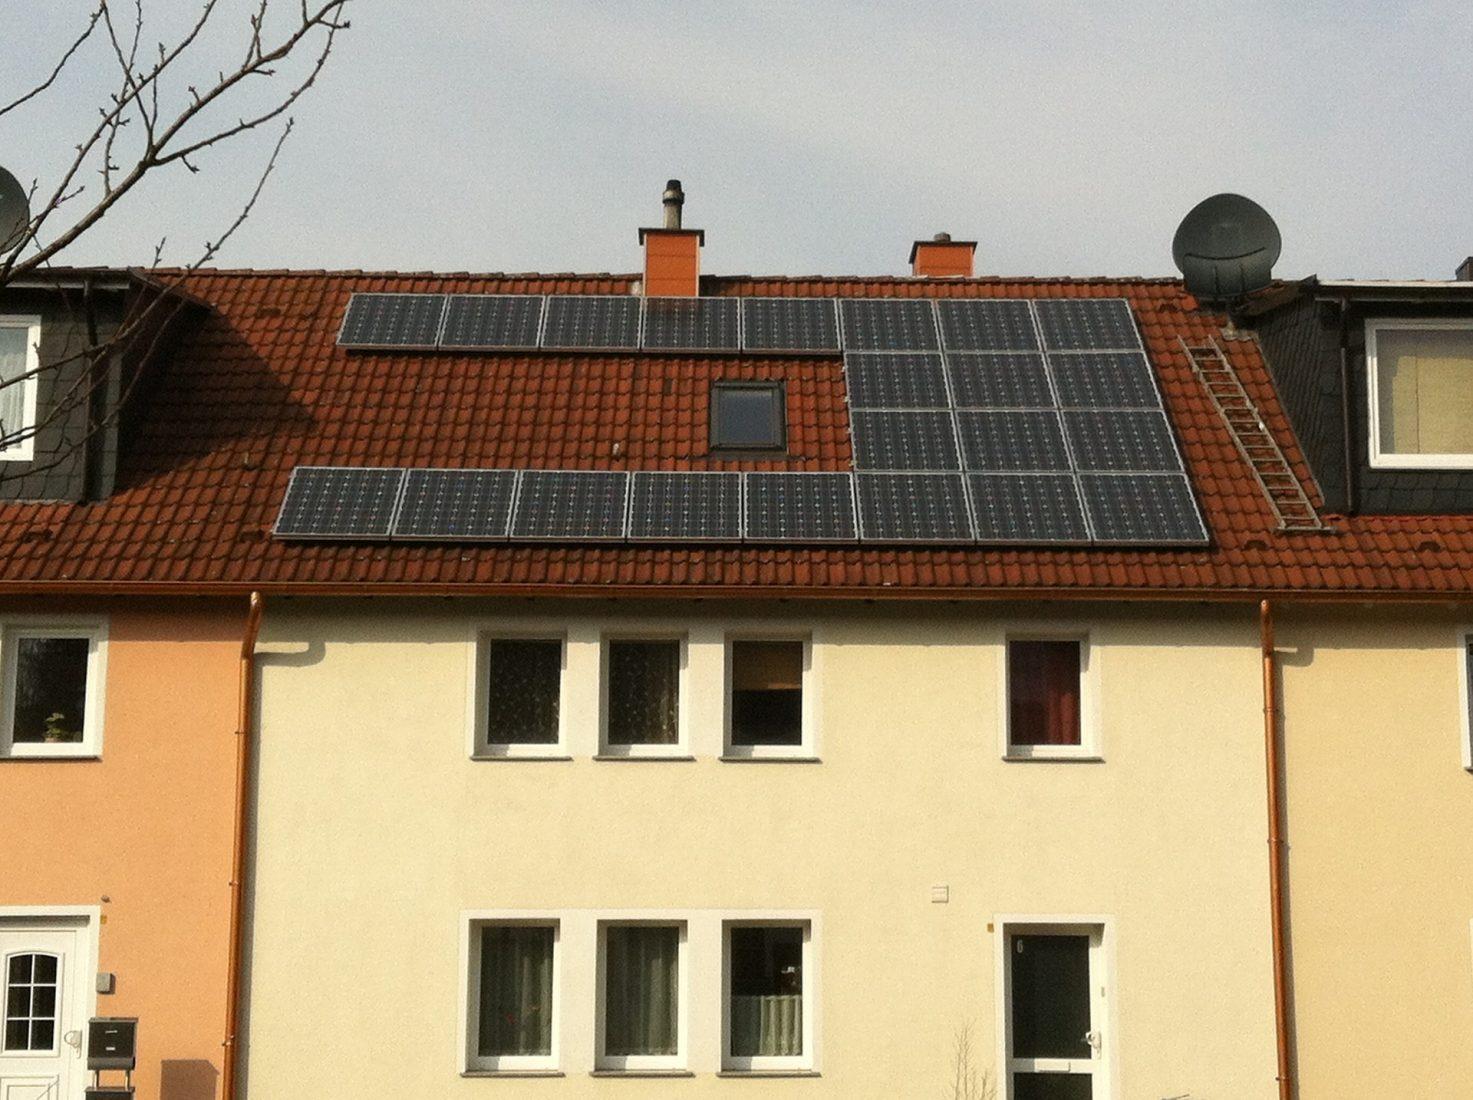 Photovoltaikmodule auf Mehrfamilienhäusern sind nach wie vor eher selten. Foto: Pixabay